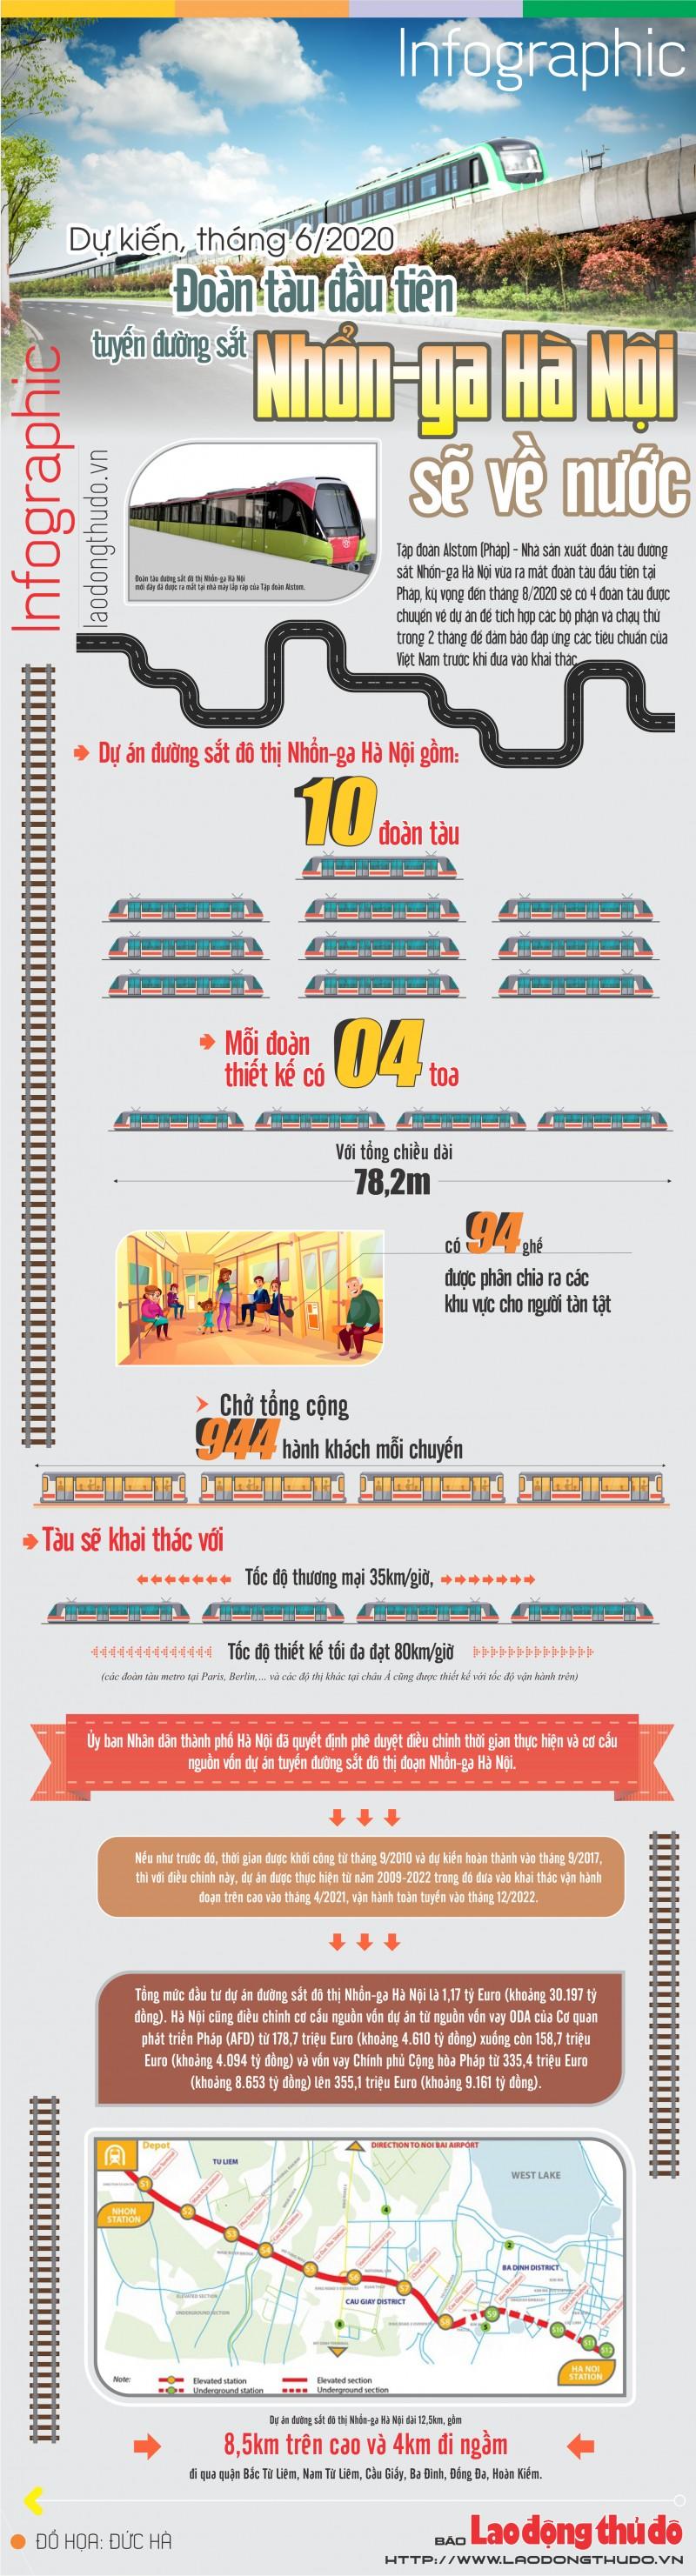 infographic du kien thang 62020 doan tau dau tien cua tuyen duong sat nhon ga ha noi se ve nuoc